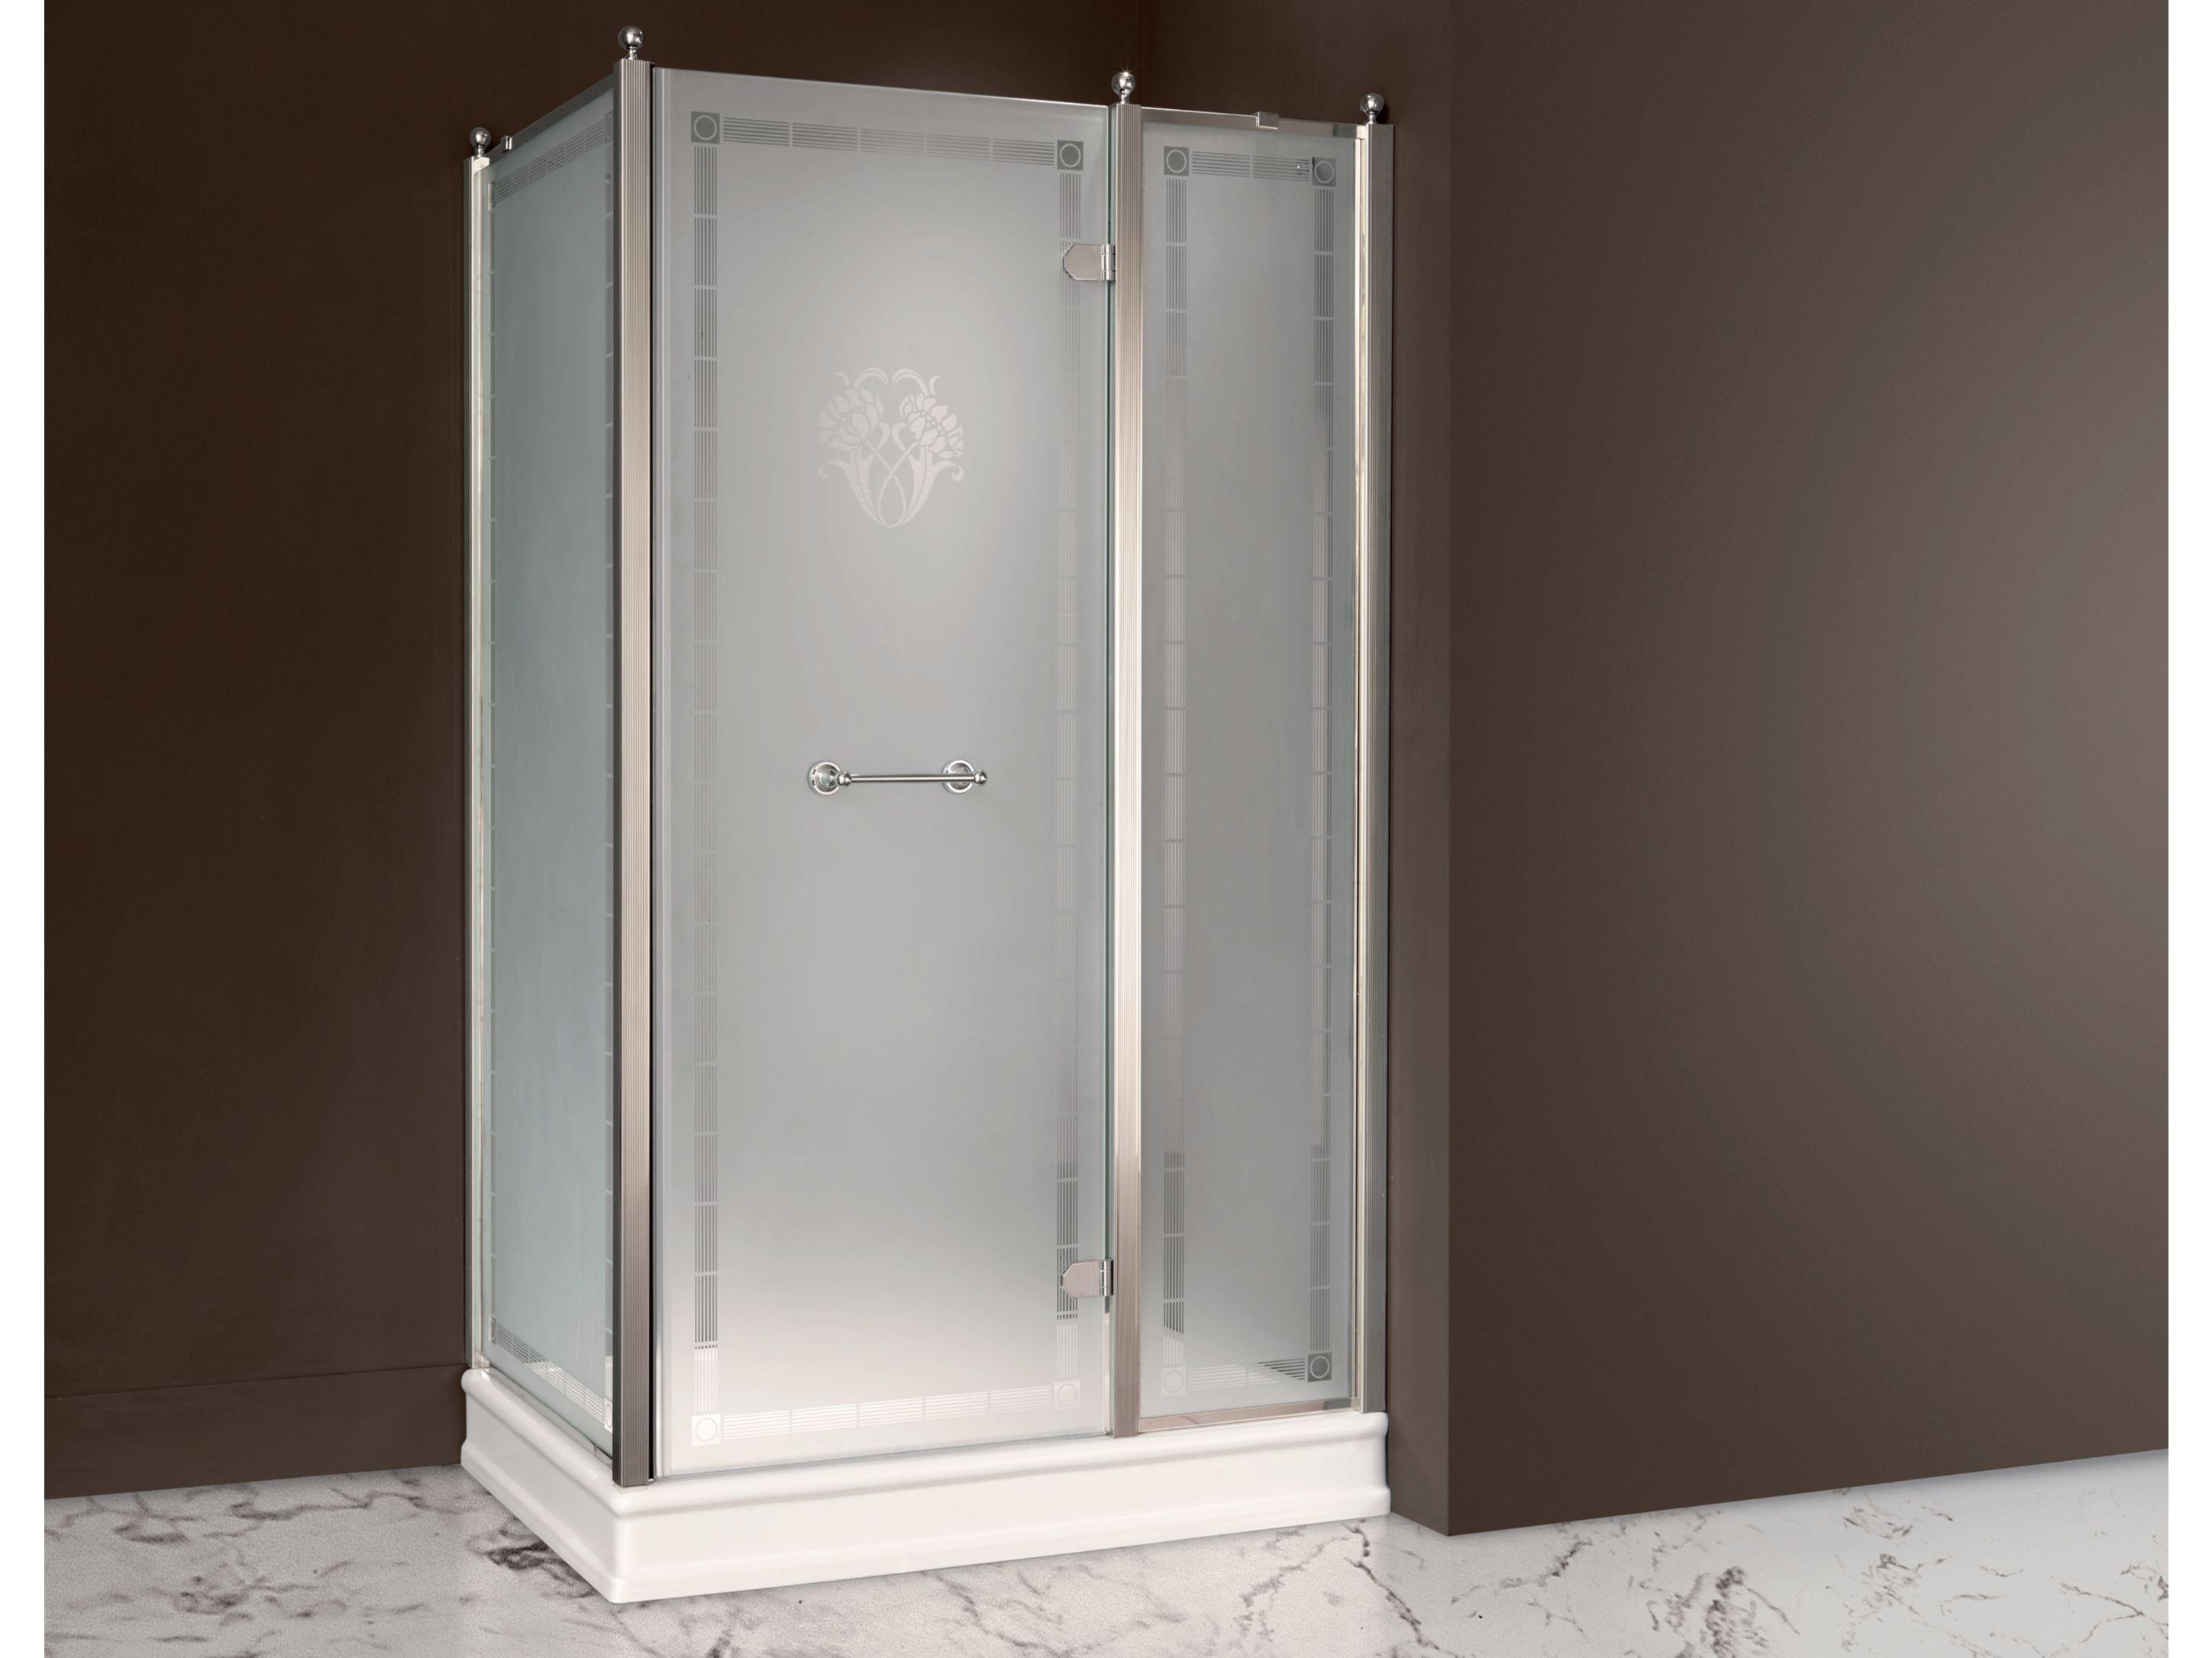 Dorset box doccia in vetro satinato by bath&bath